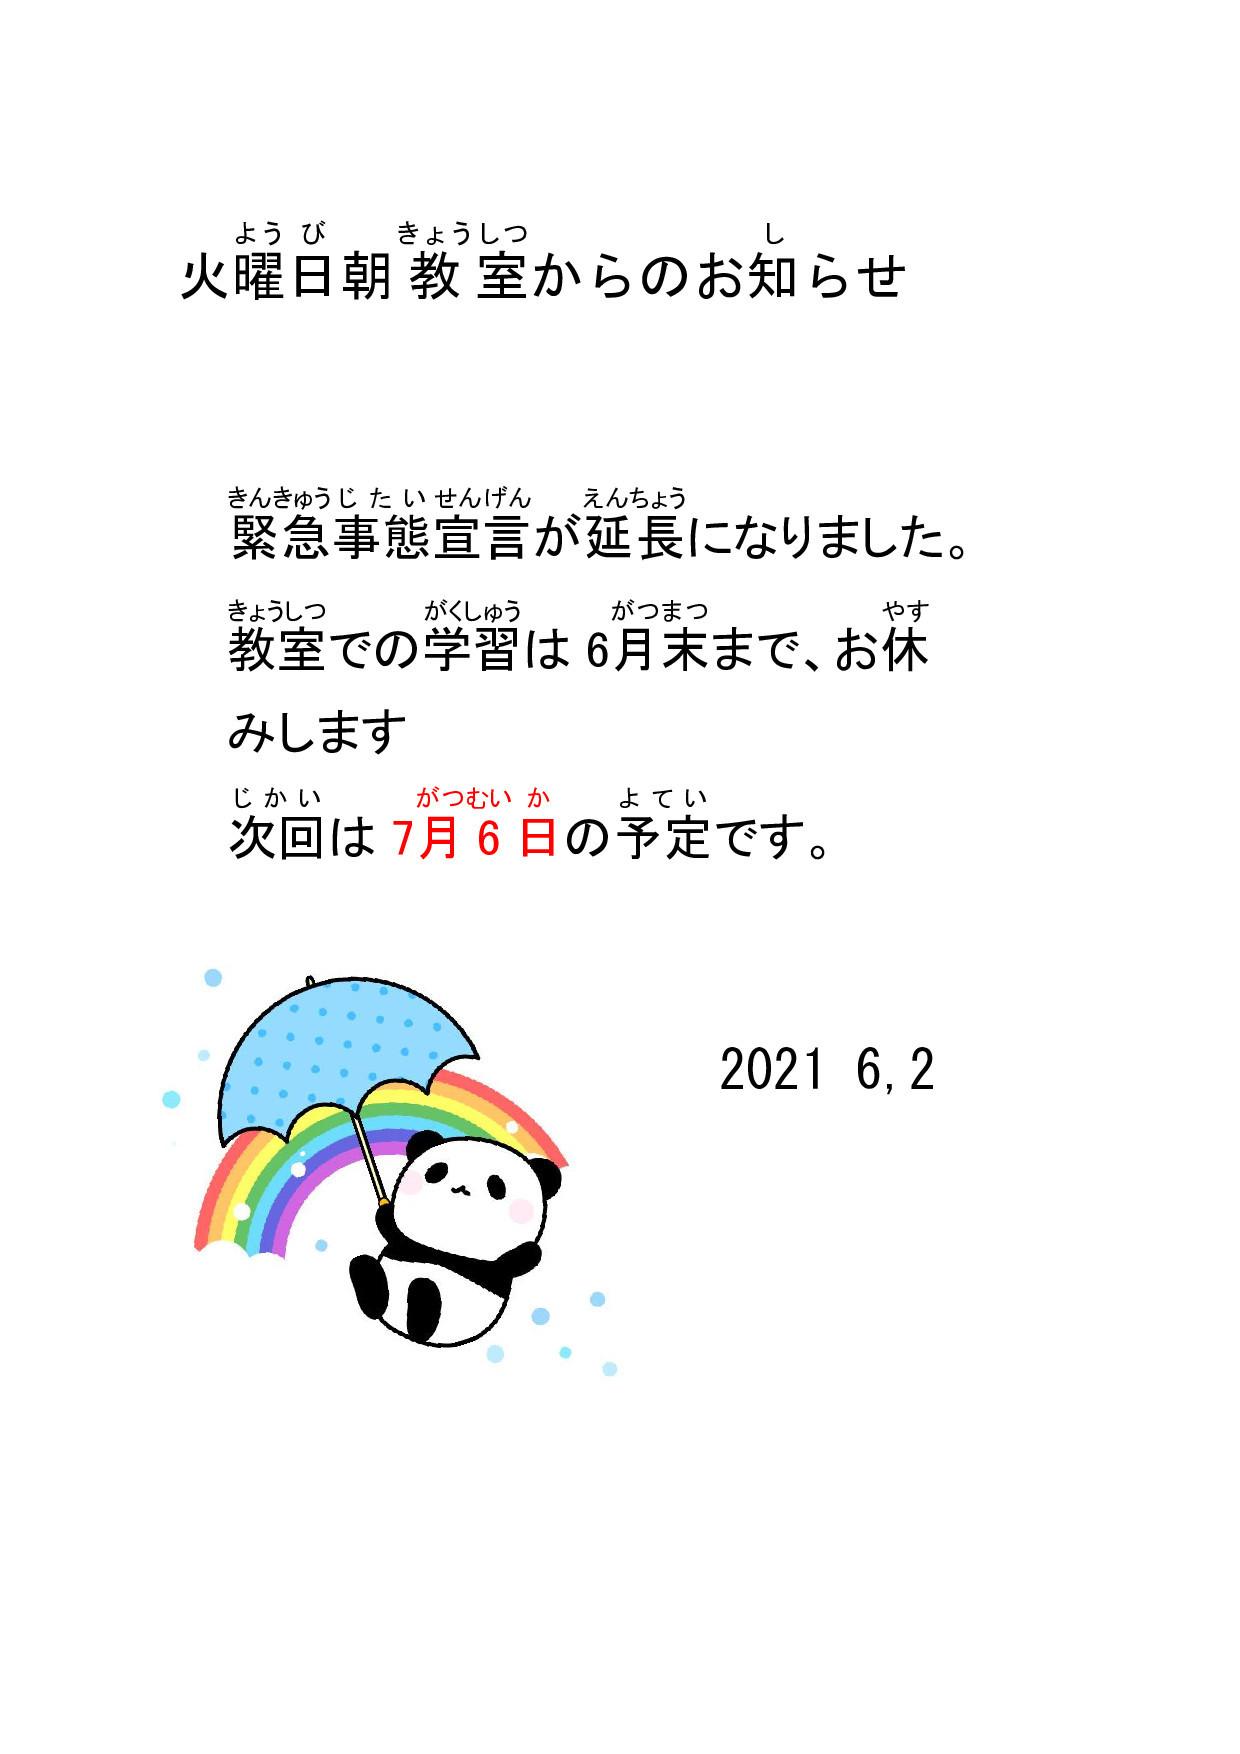 火曜日朝教室からお休みのお知らせ_e0175020_13023287.jpg